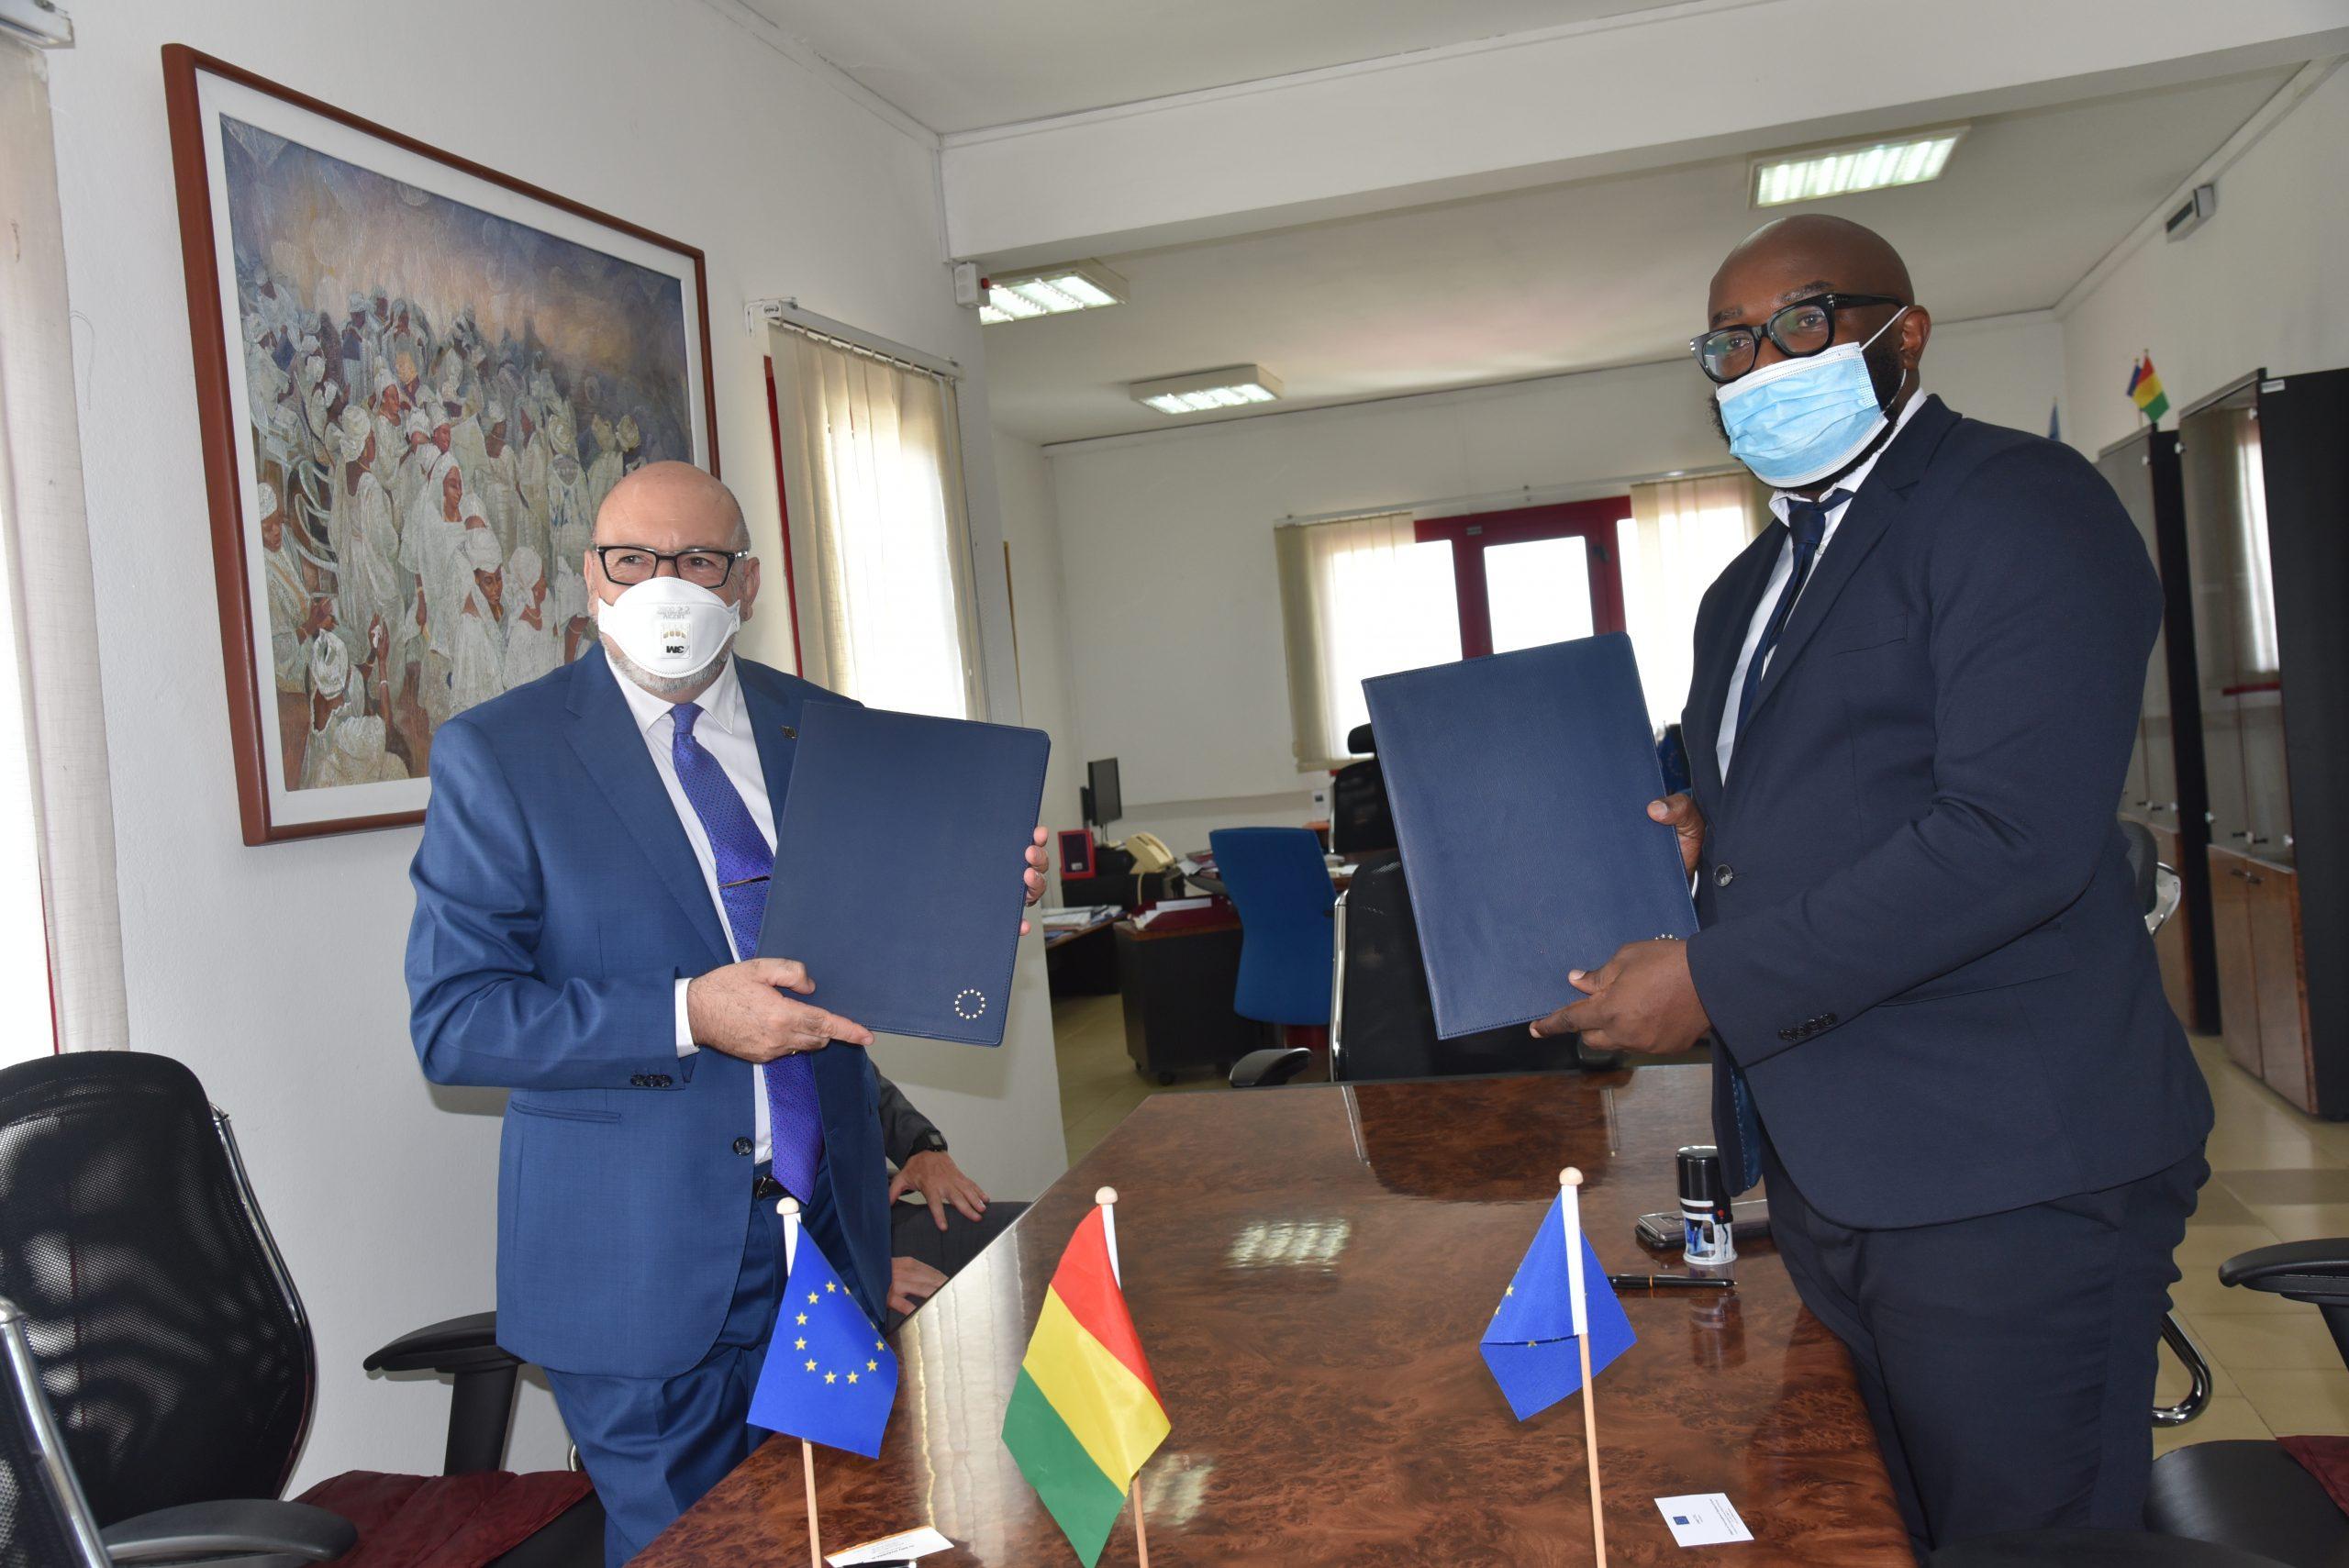 Communiqué de presse: l'Union européenne mobilise une nouvelle action d'envergure pour appuyer la riposte contre la Covid-19 en Guinée